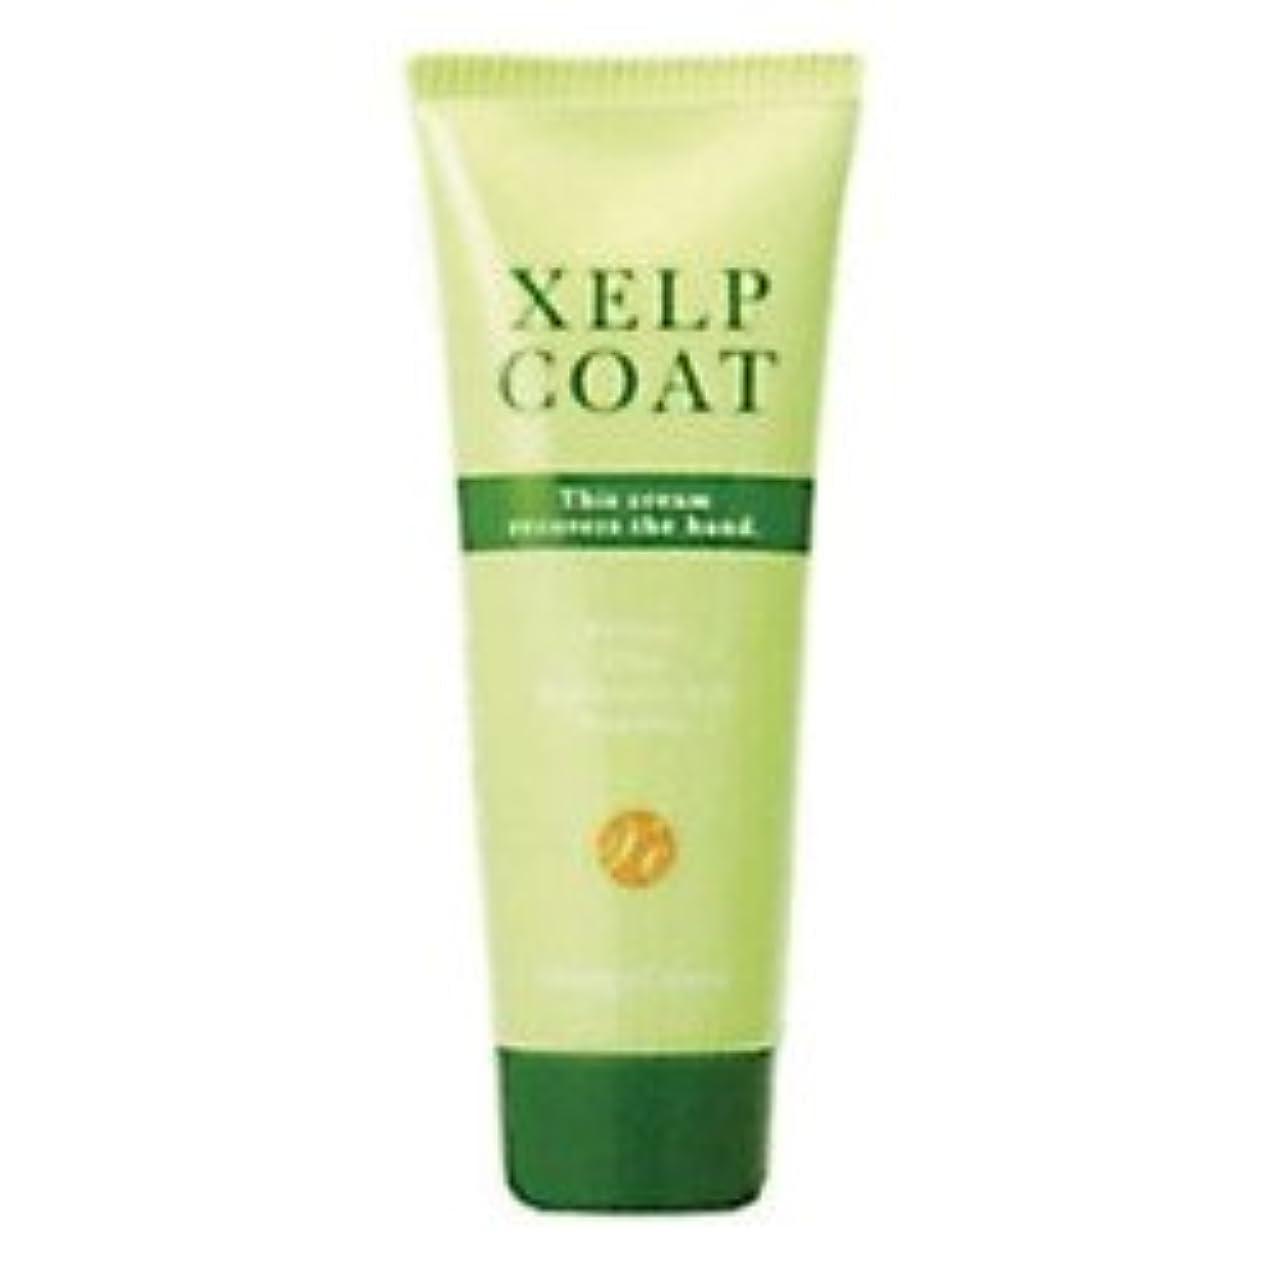 白鳥夜ディンカルビルケイルコート 80g XELPCOAT 美容師さんのためのハンドクリーム